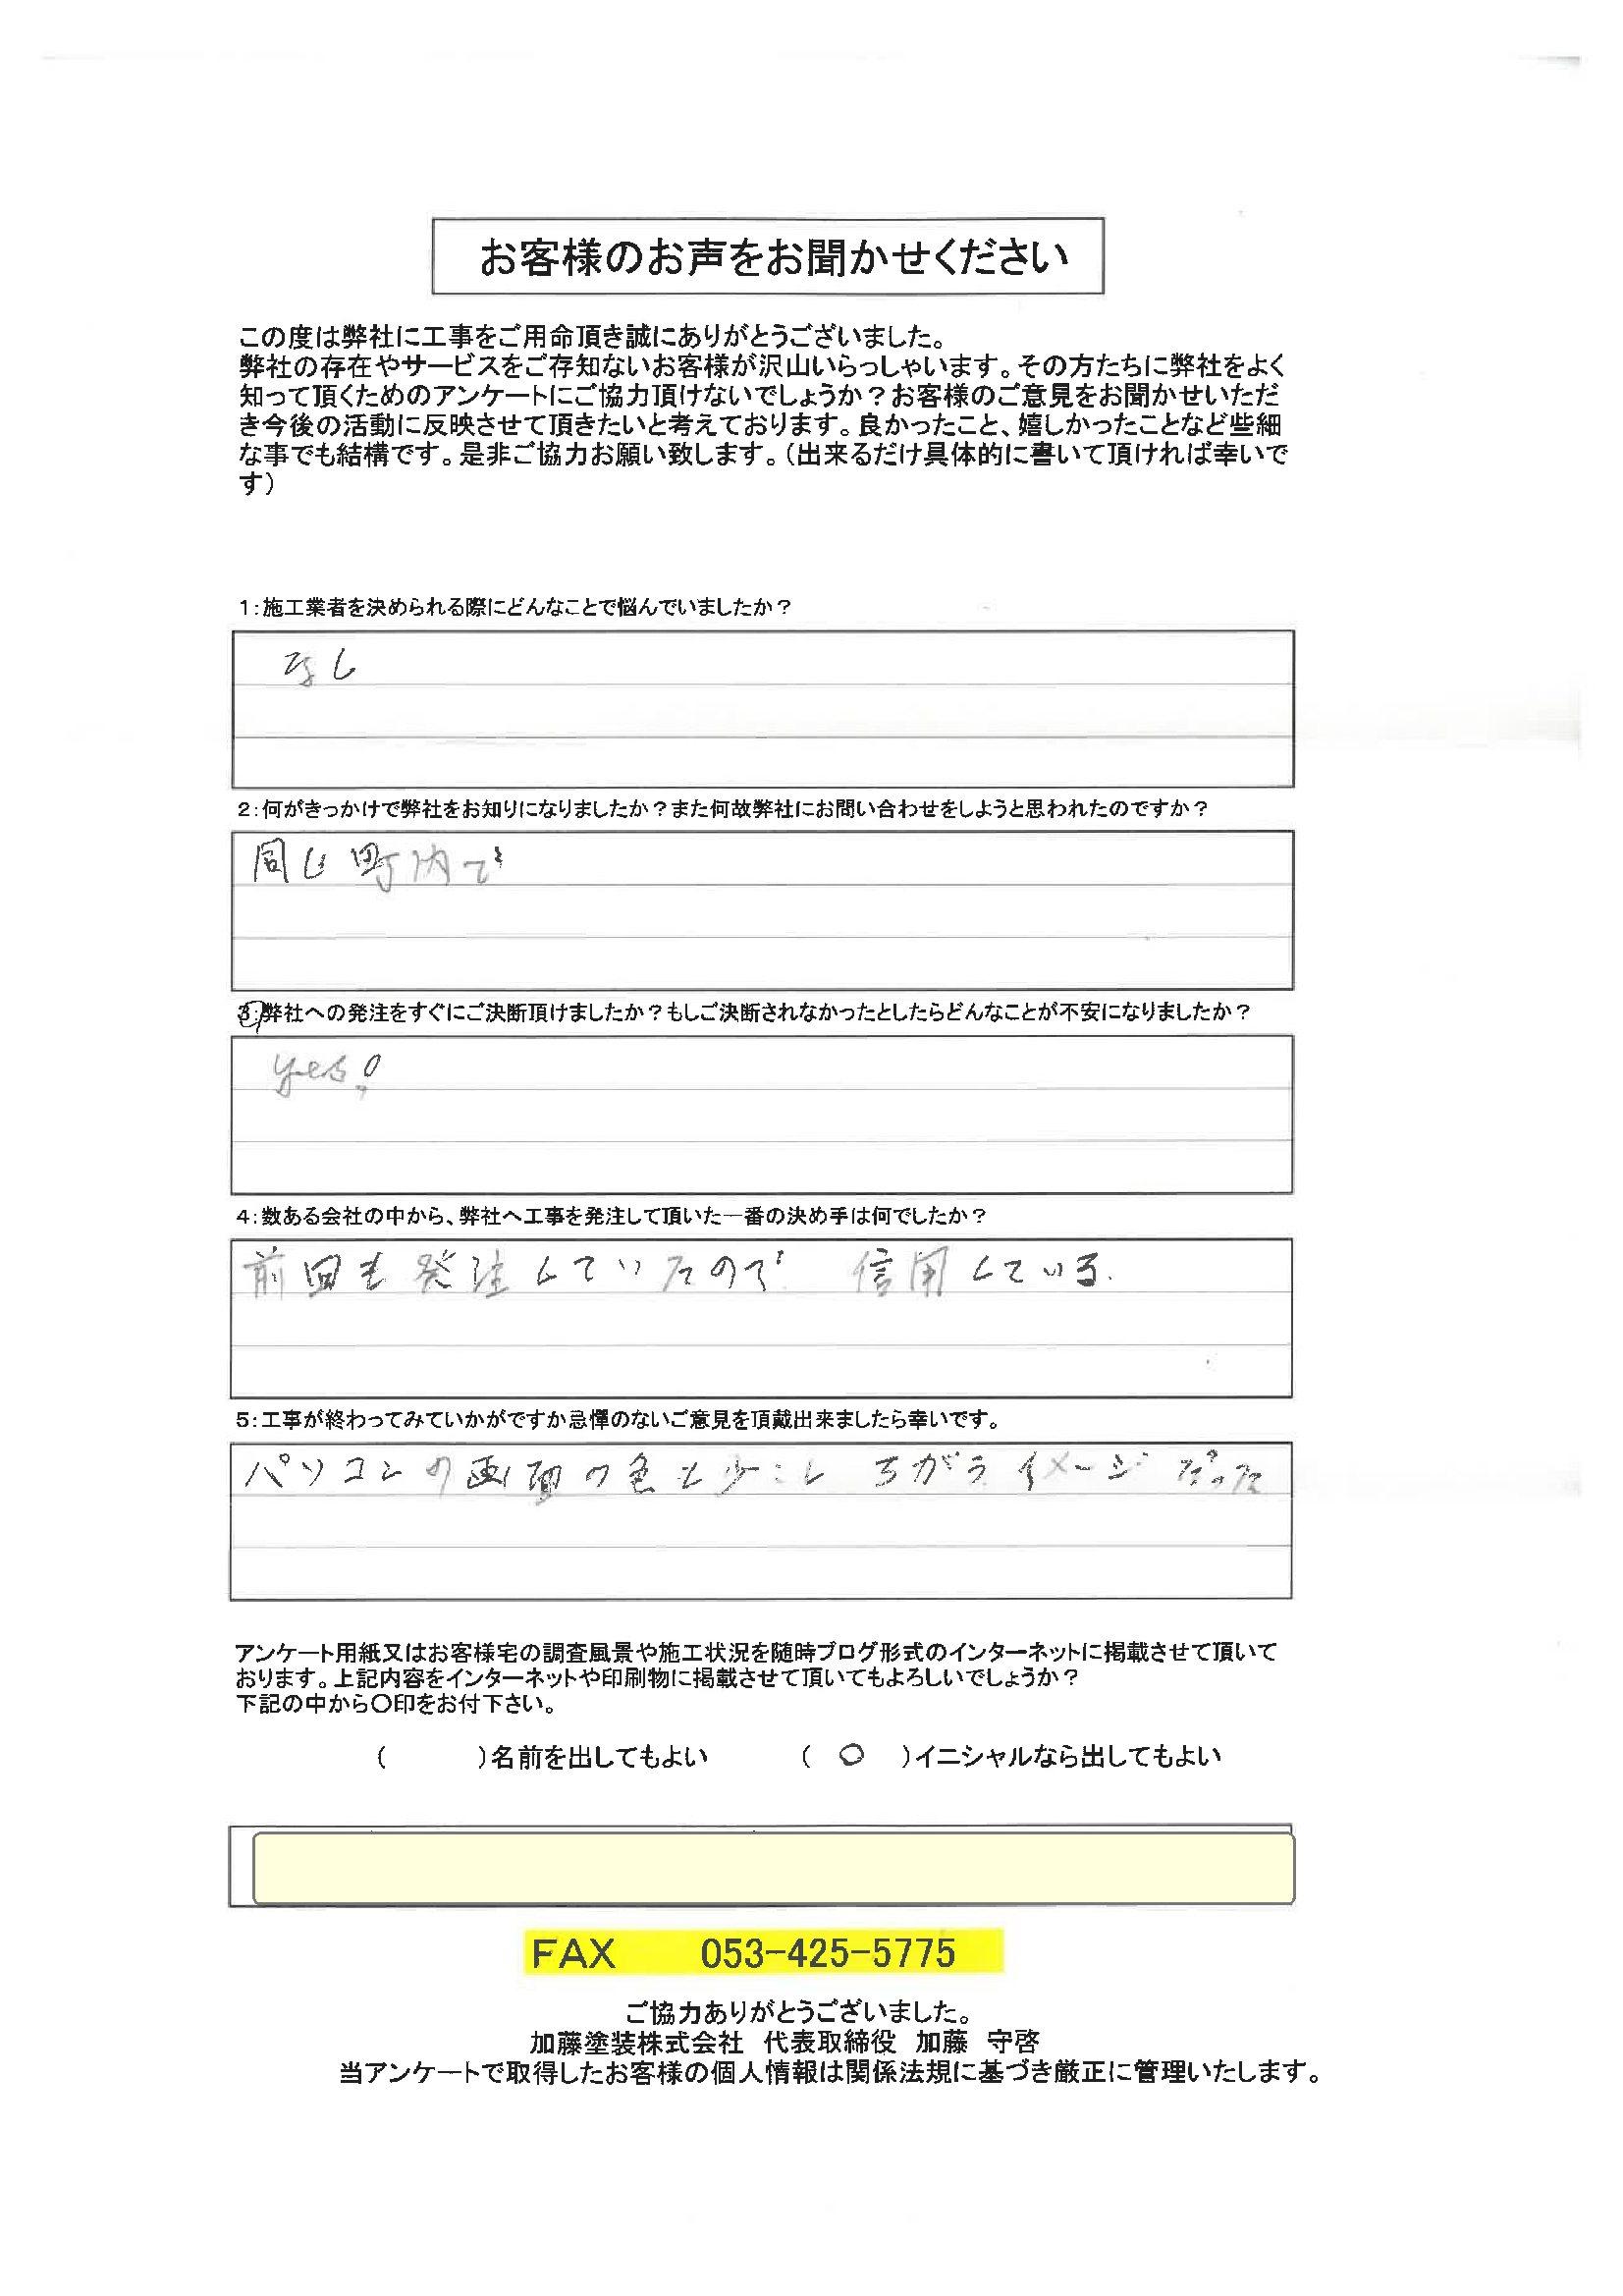 浜松市南区長田町Oさまより『YES』と力強いコメントいただきました。